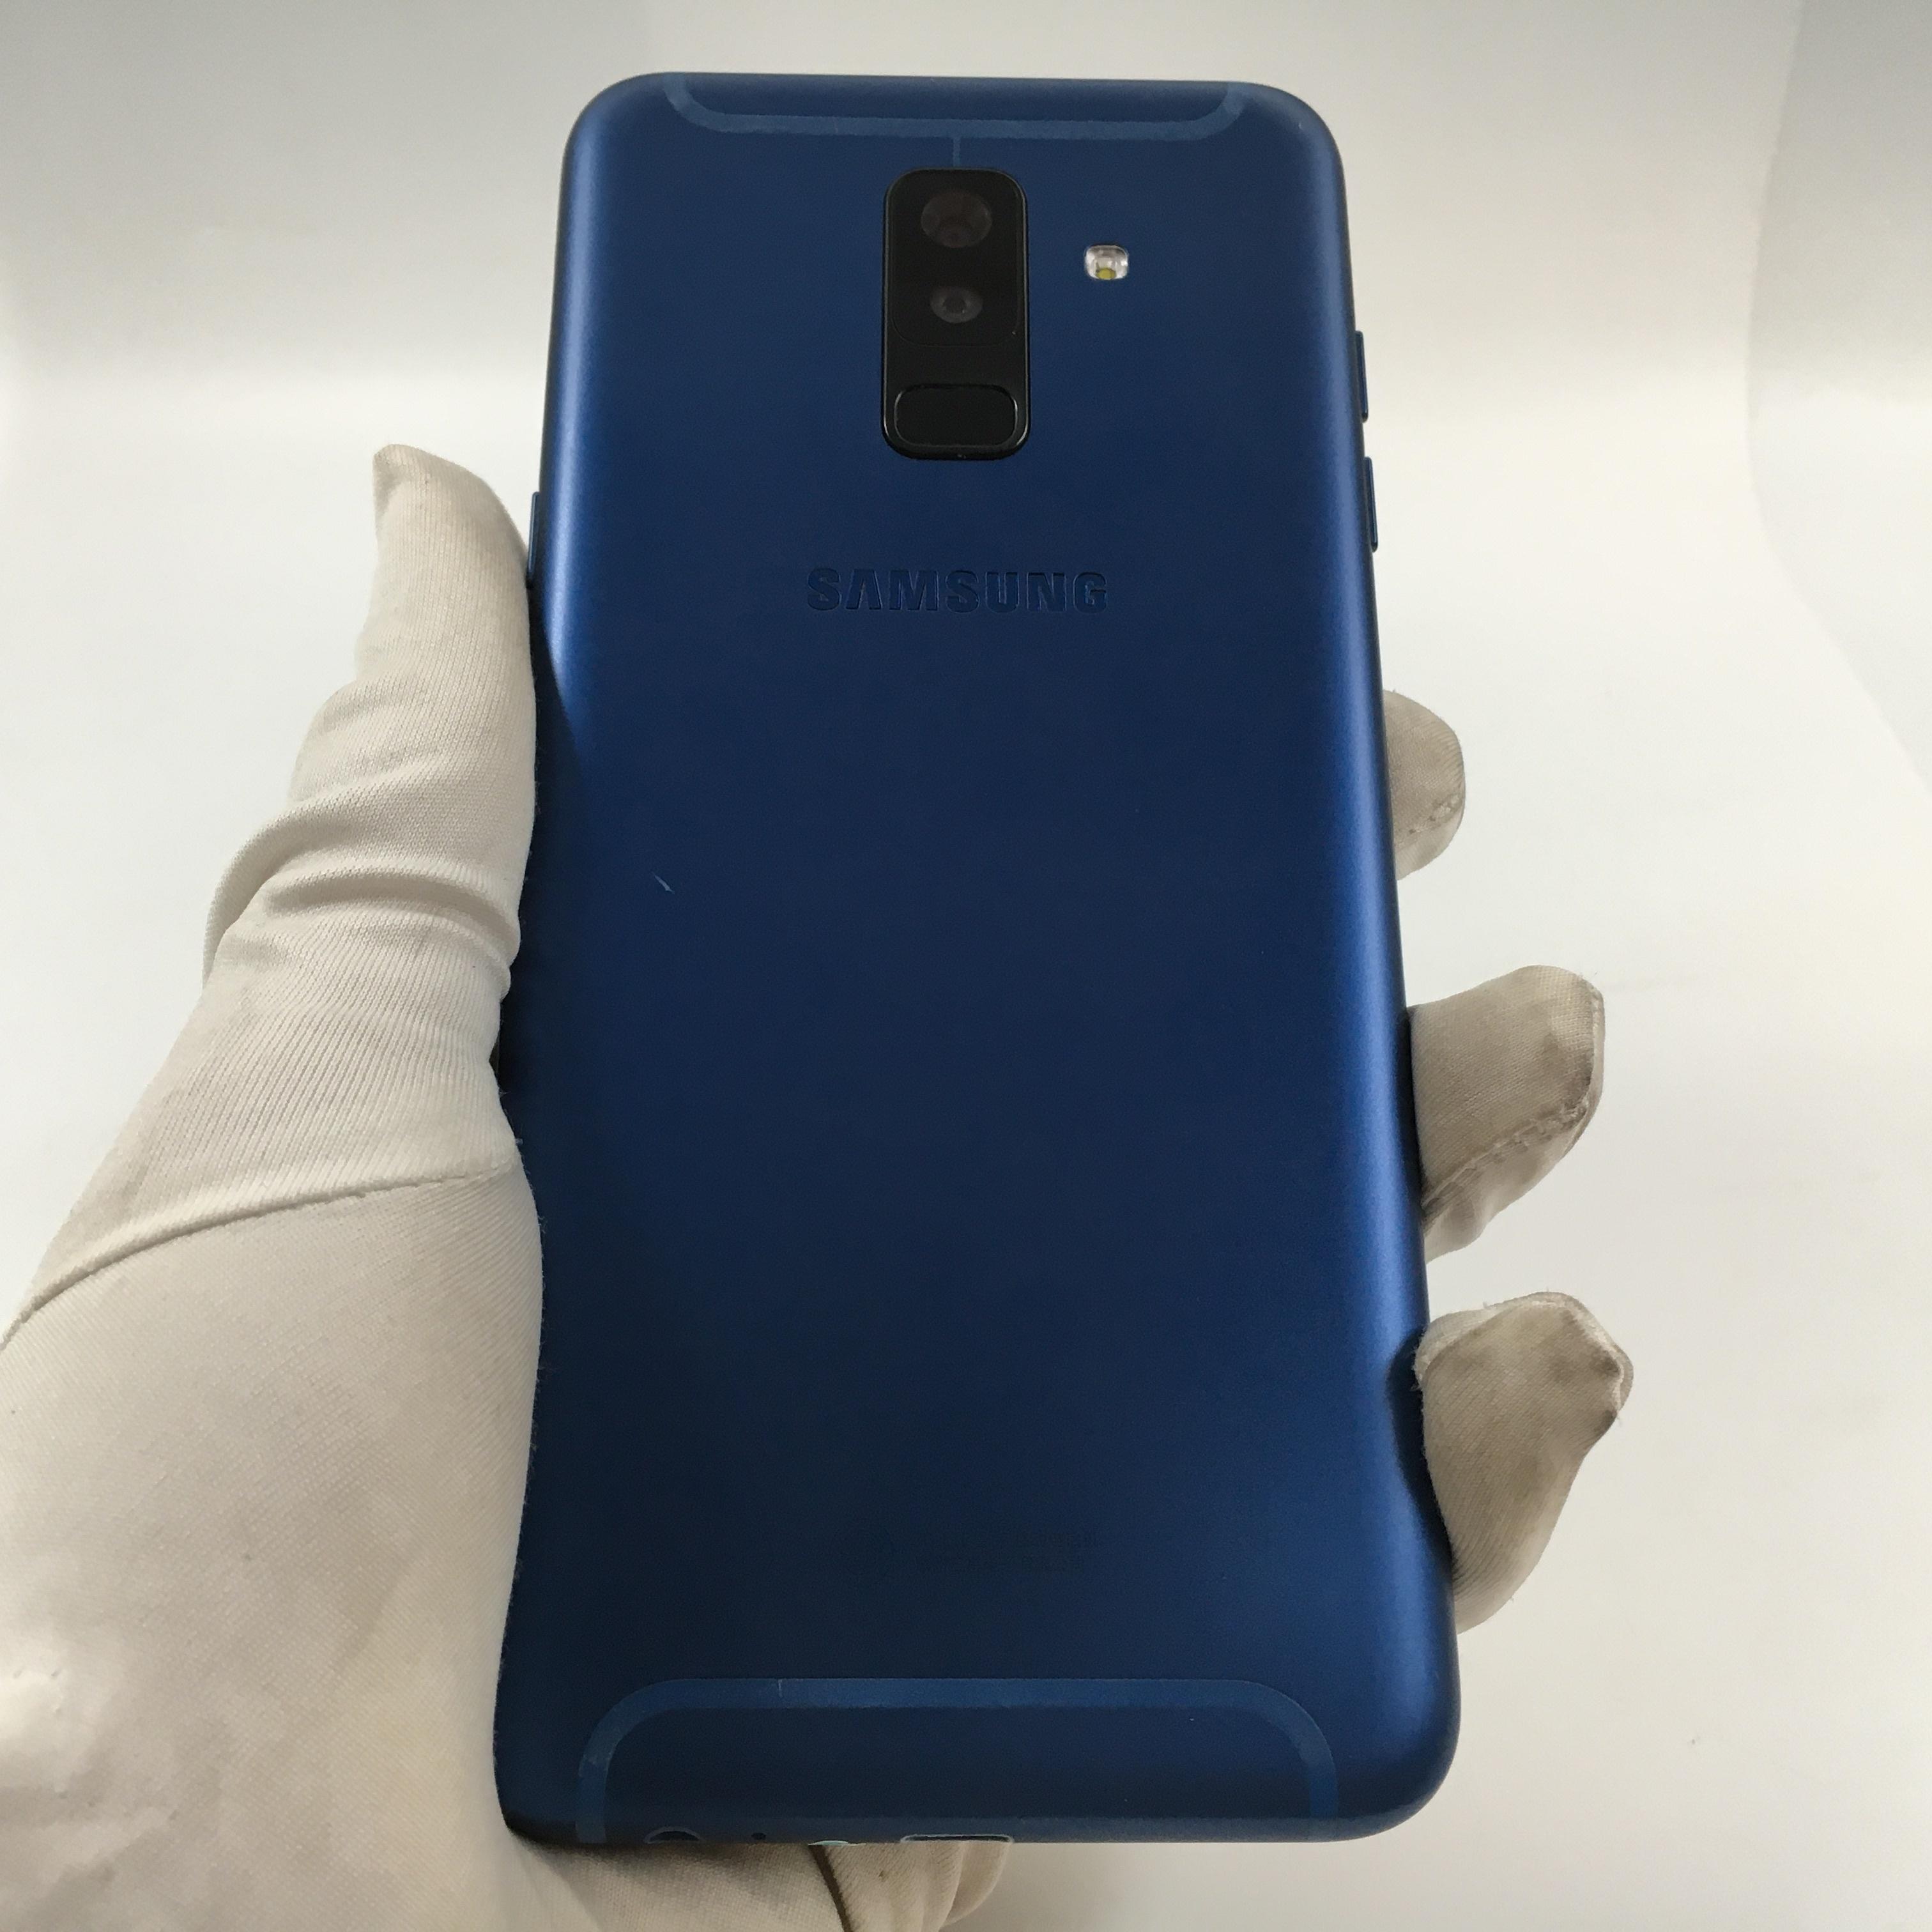 三星【Galaxy A9 Star lite】4G全网通 蓝色 4G/64G 国行 95新